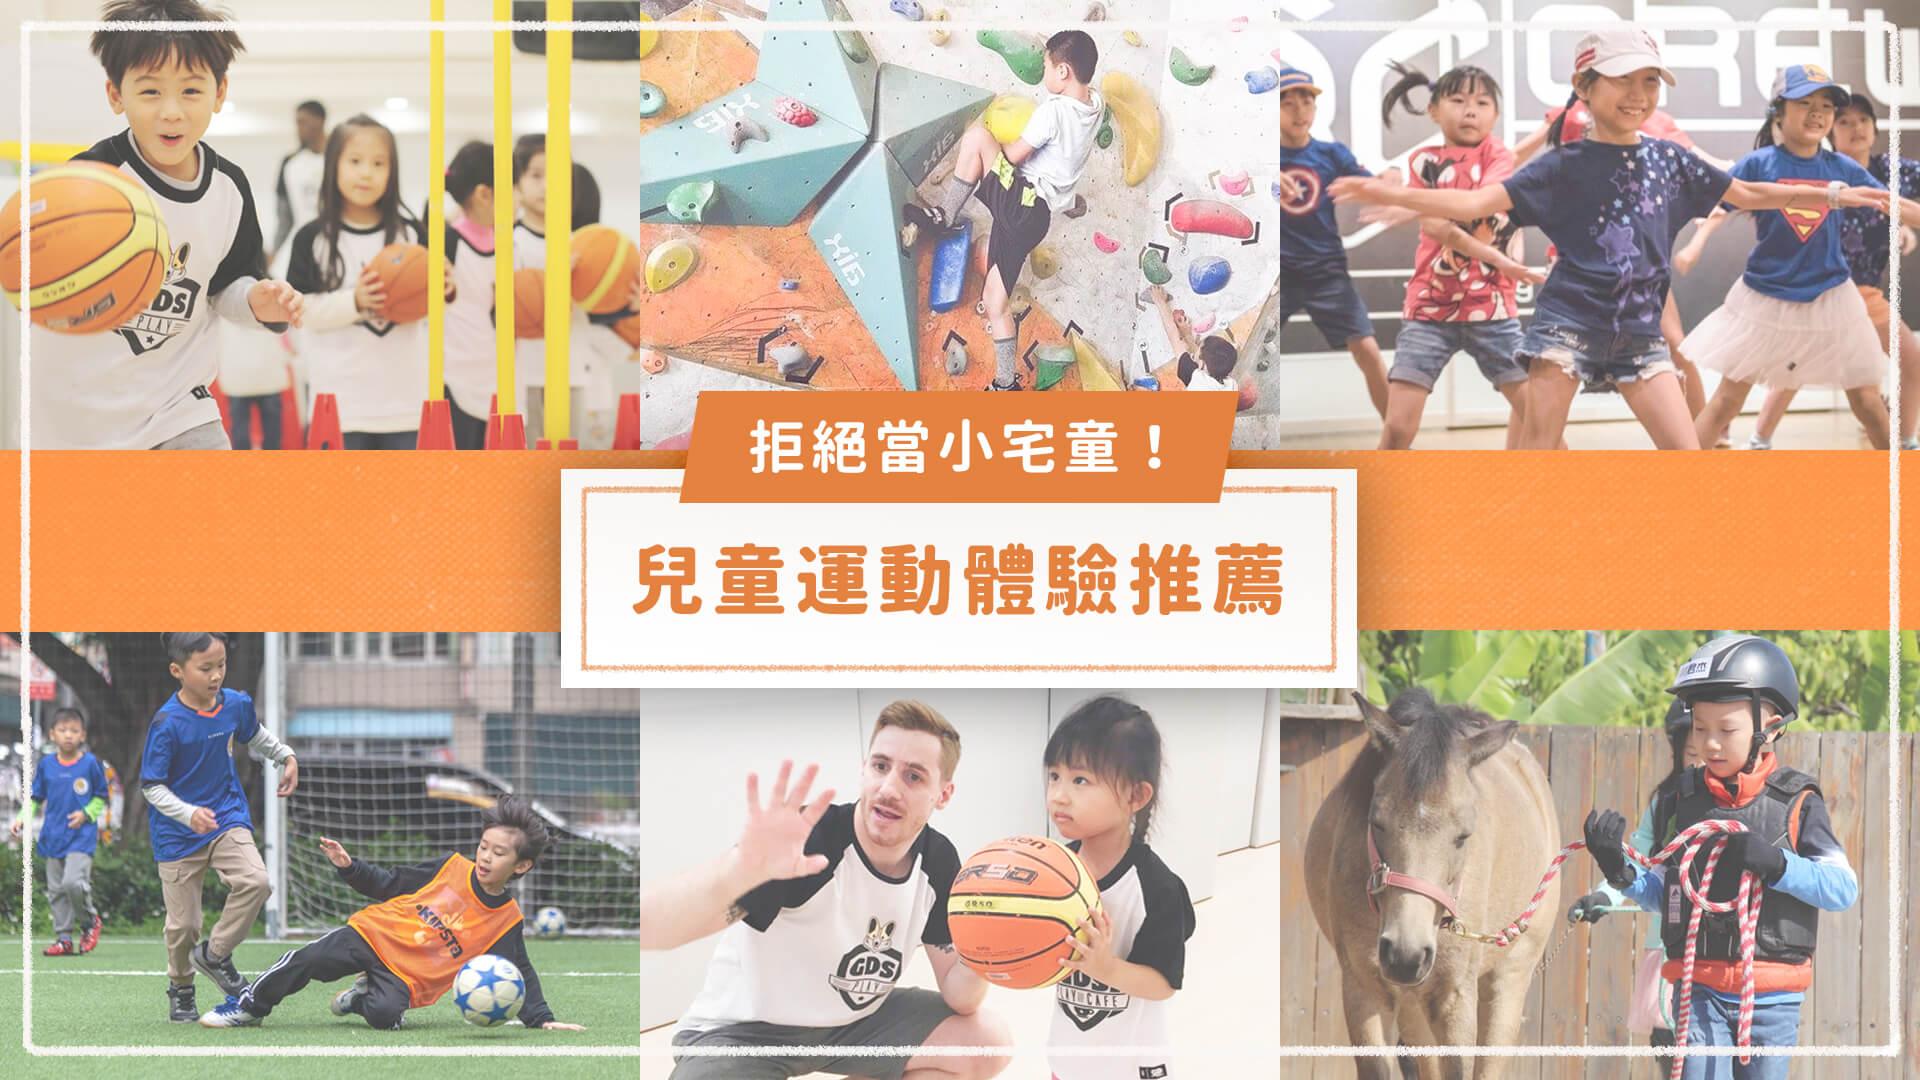 【兒童運動推薦】拒當小宅童!培養寶貝的運動習慣!